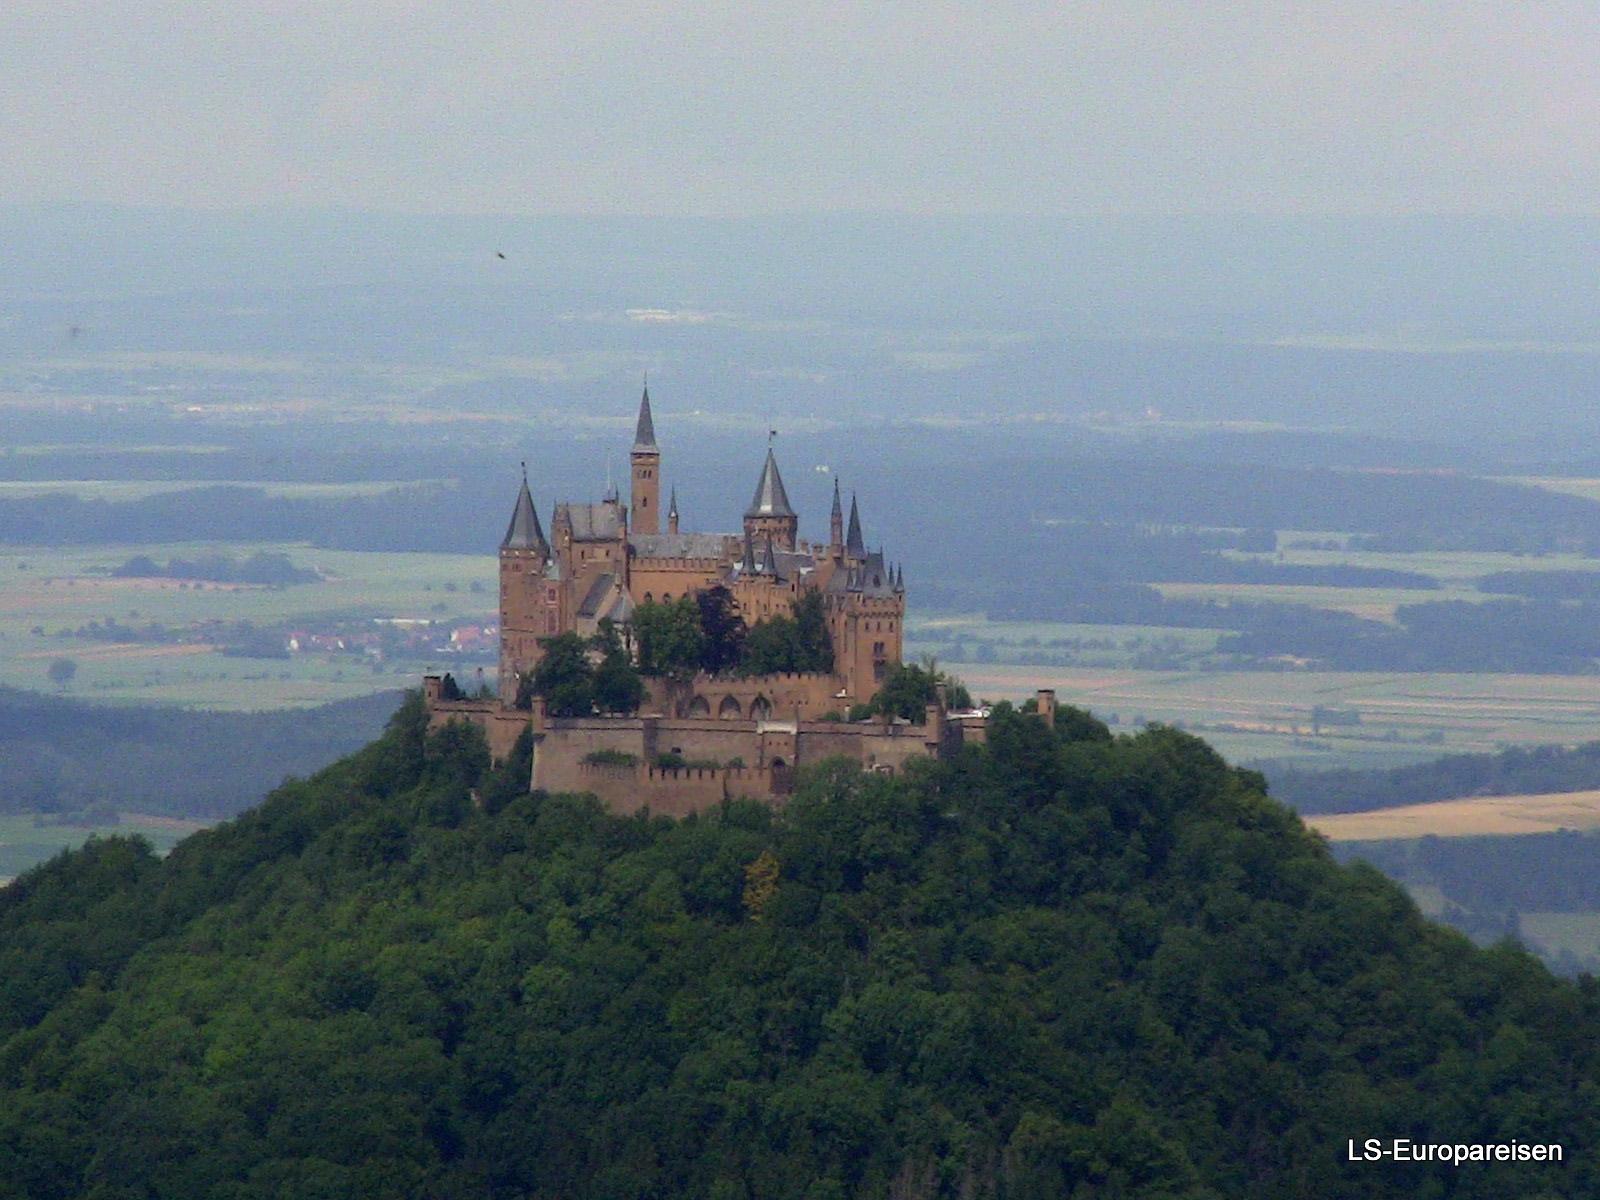 Неизведанный юг Германии. 11 дней. 1105 евро в мини-группе из 4 человек.